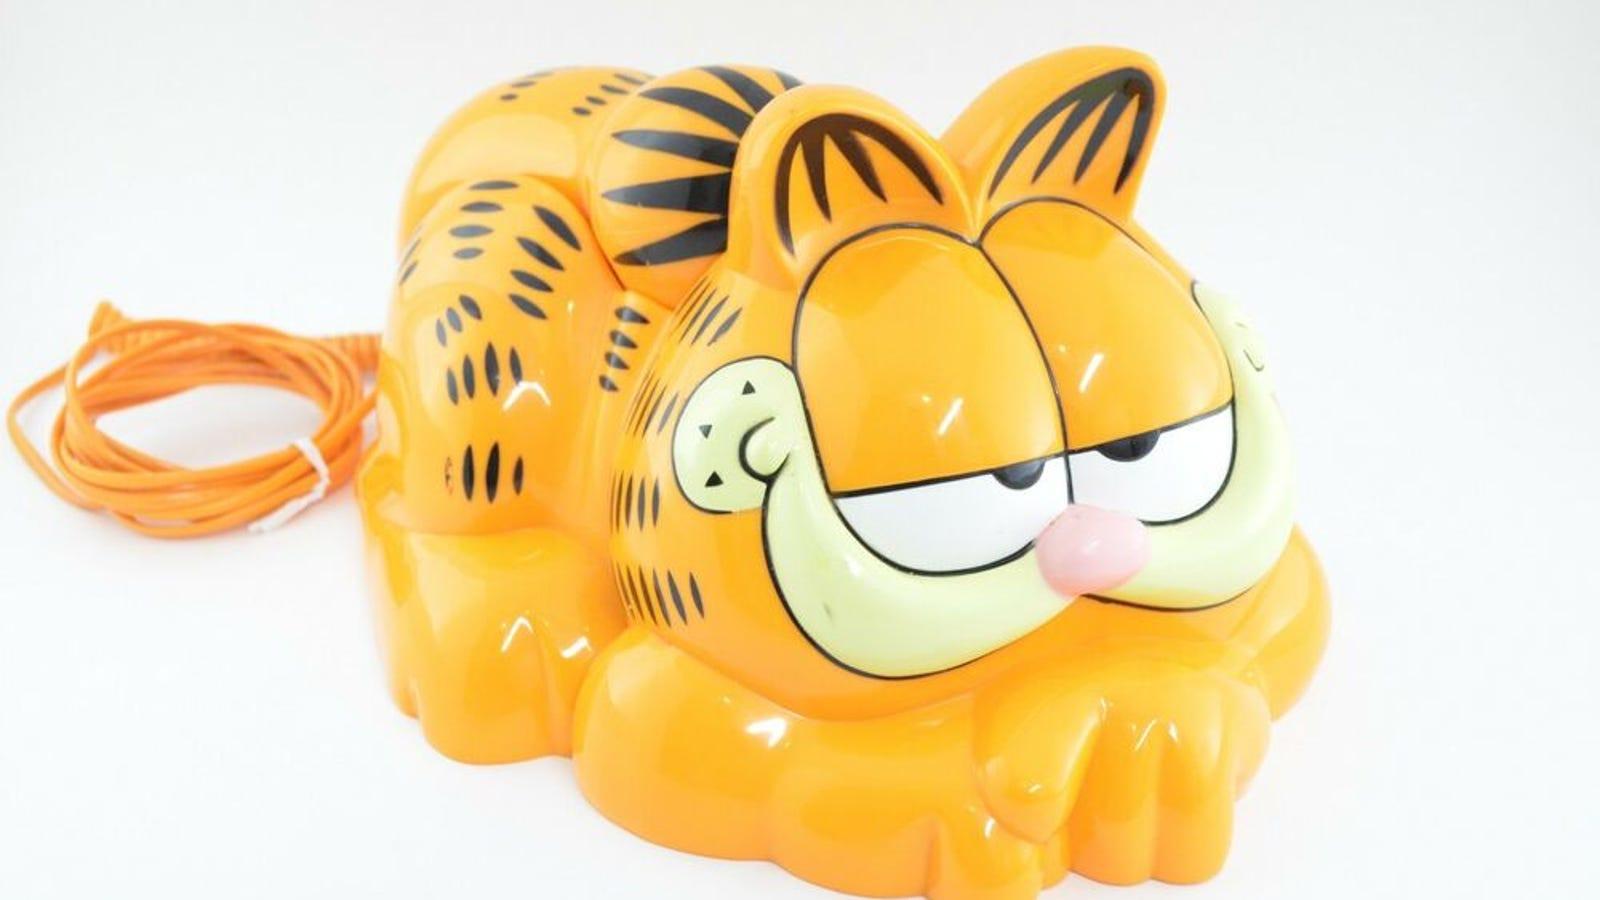 Cada año llegan a esta playa decenas de teléfonos con forma de Garfield, y ahora sabemos por qué